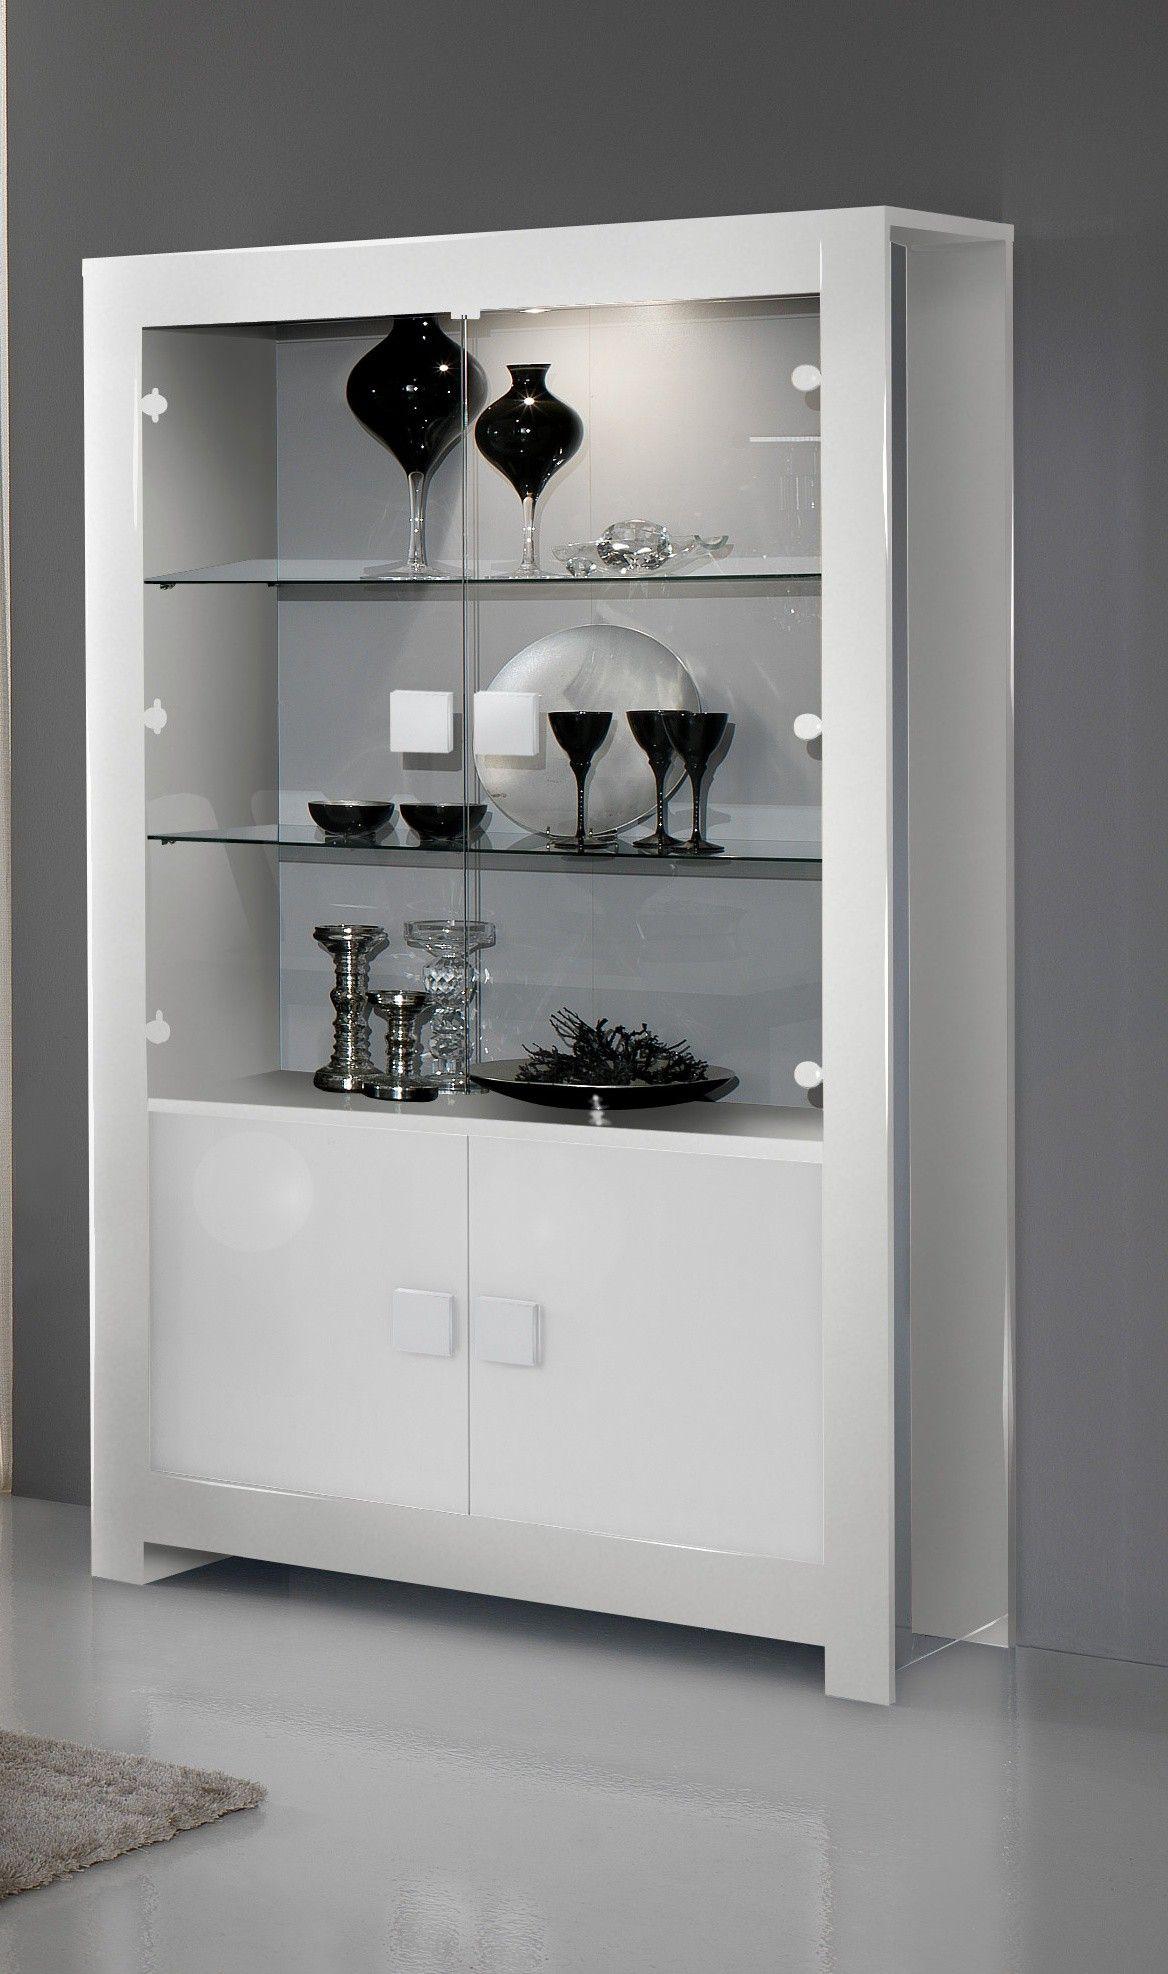 kitchen interior design decor